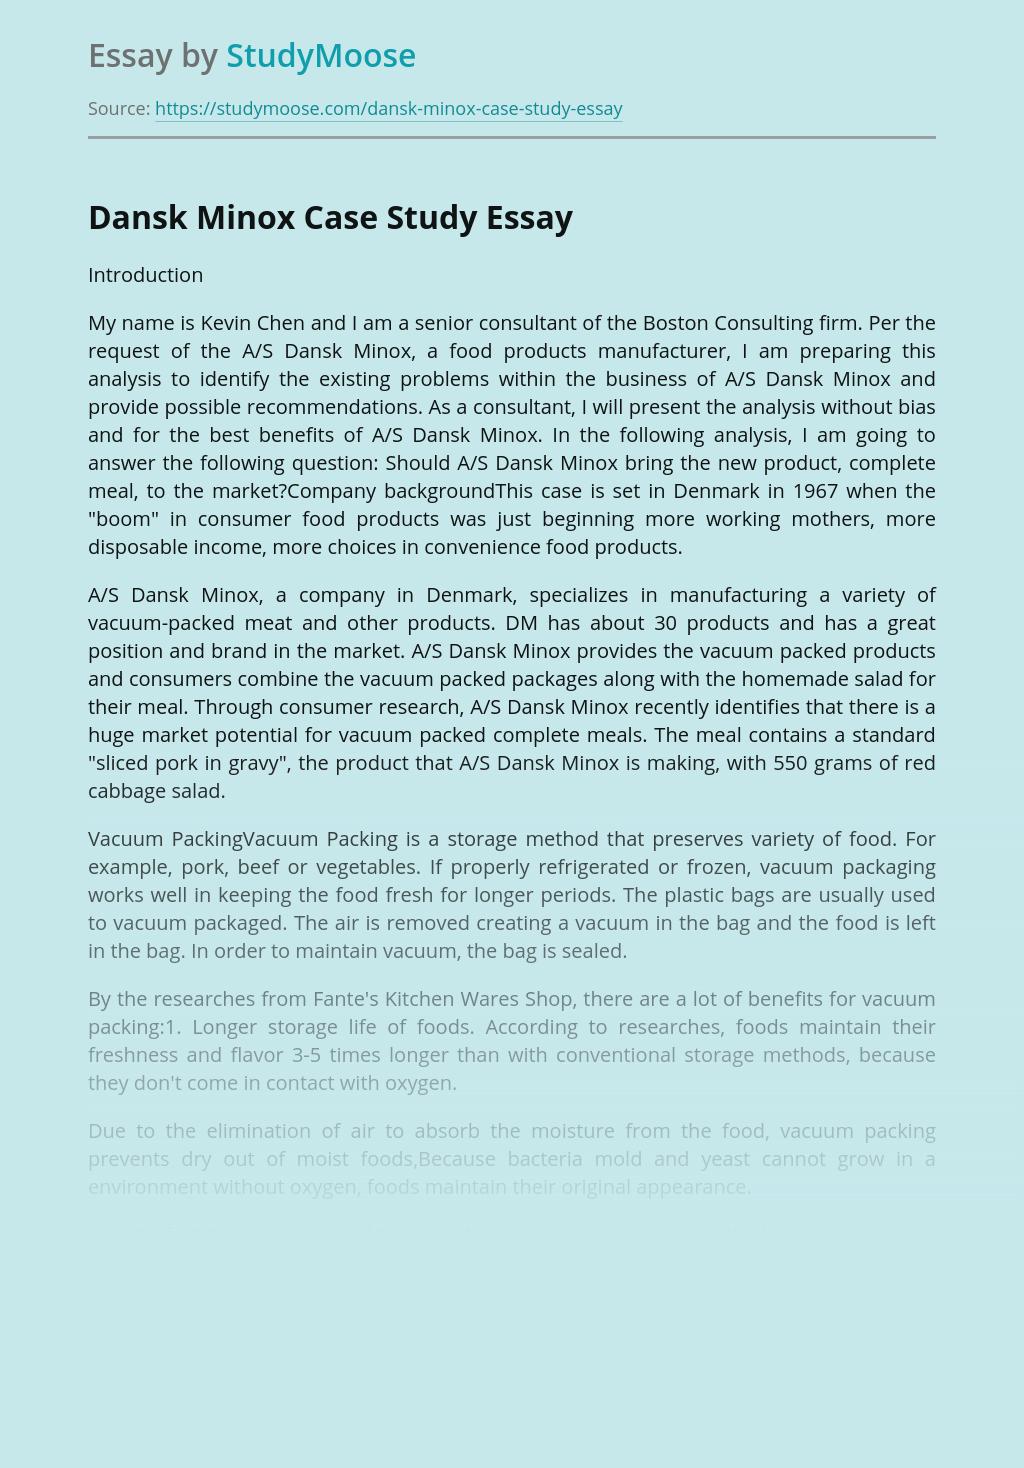 Dansk Minox Case Study